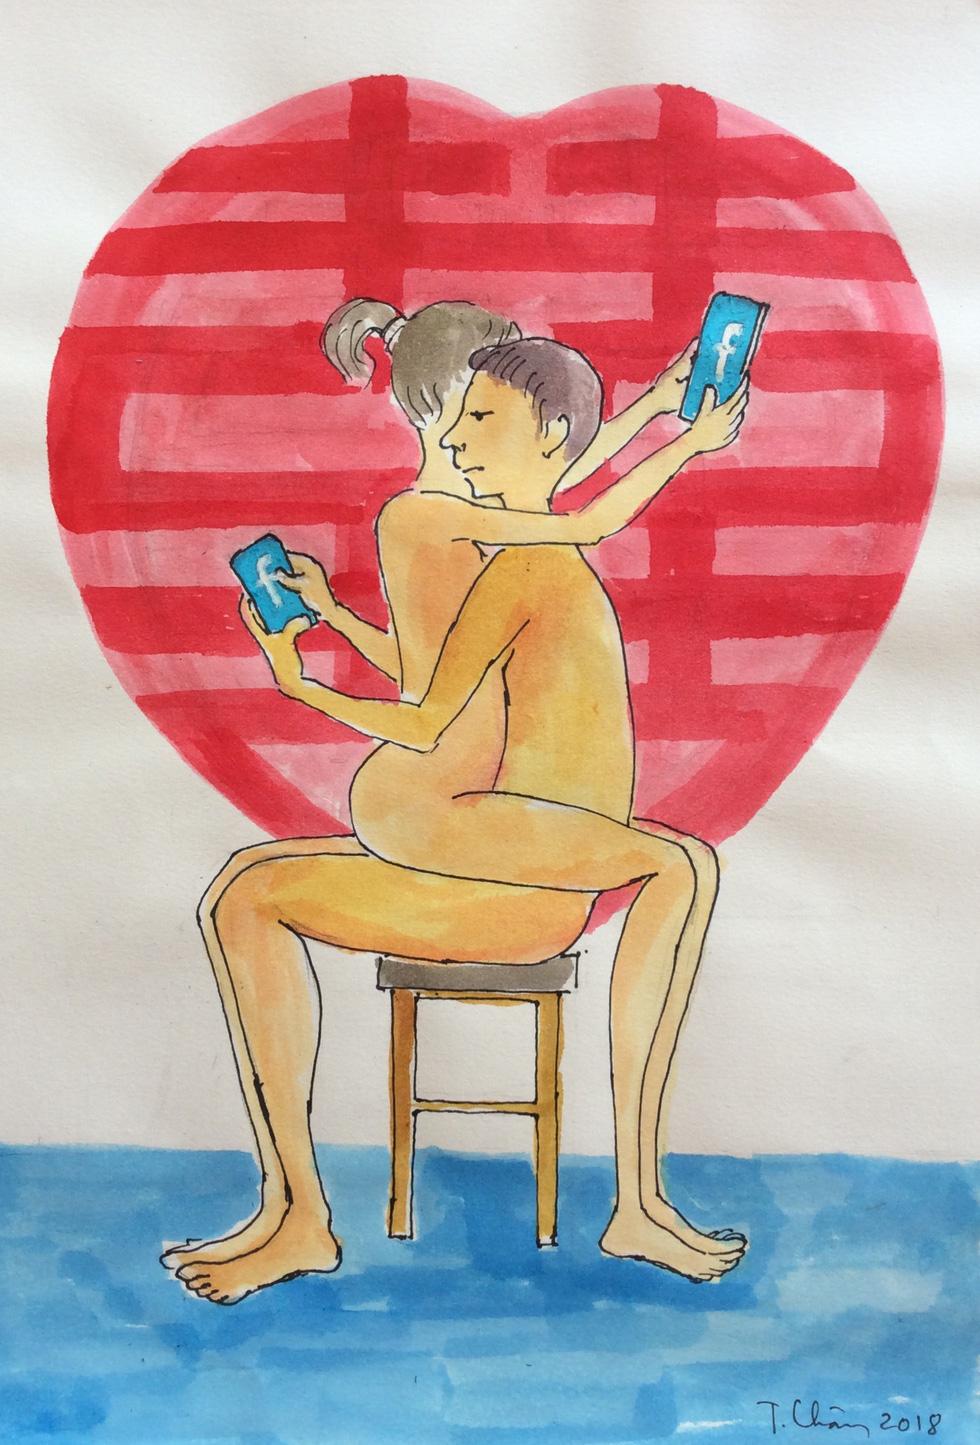 'Tan hon' by Dang Thien Chan